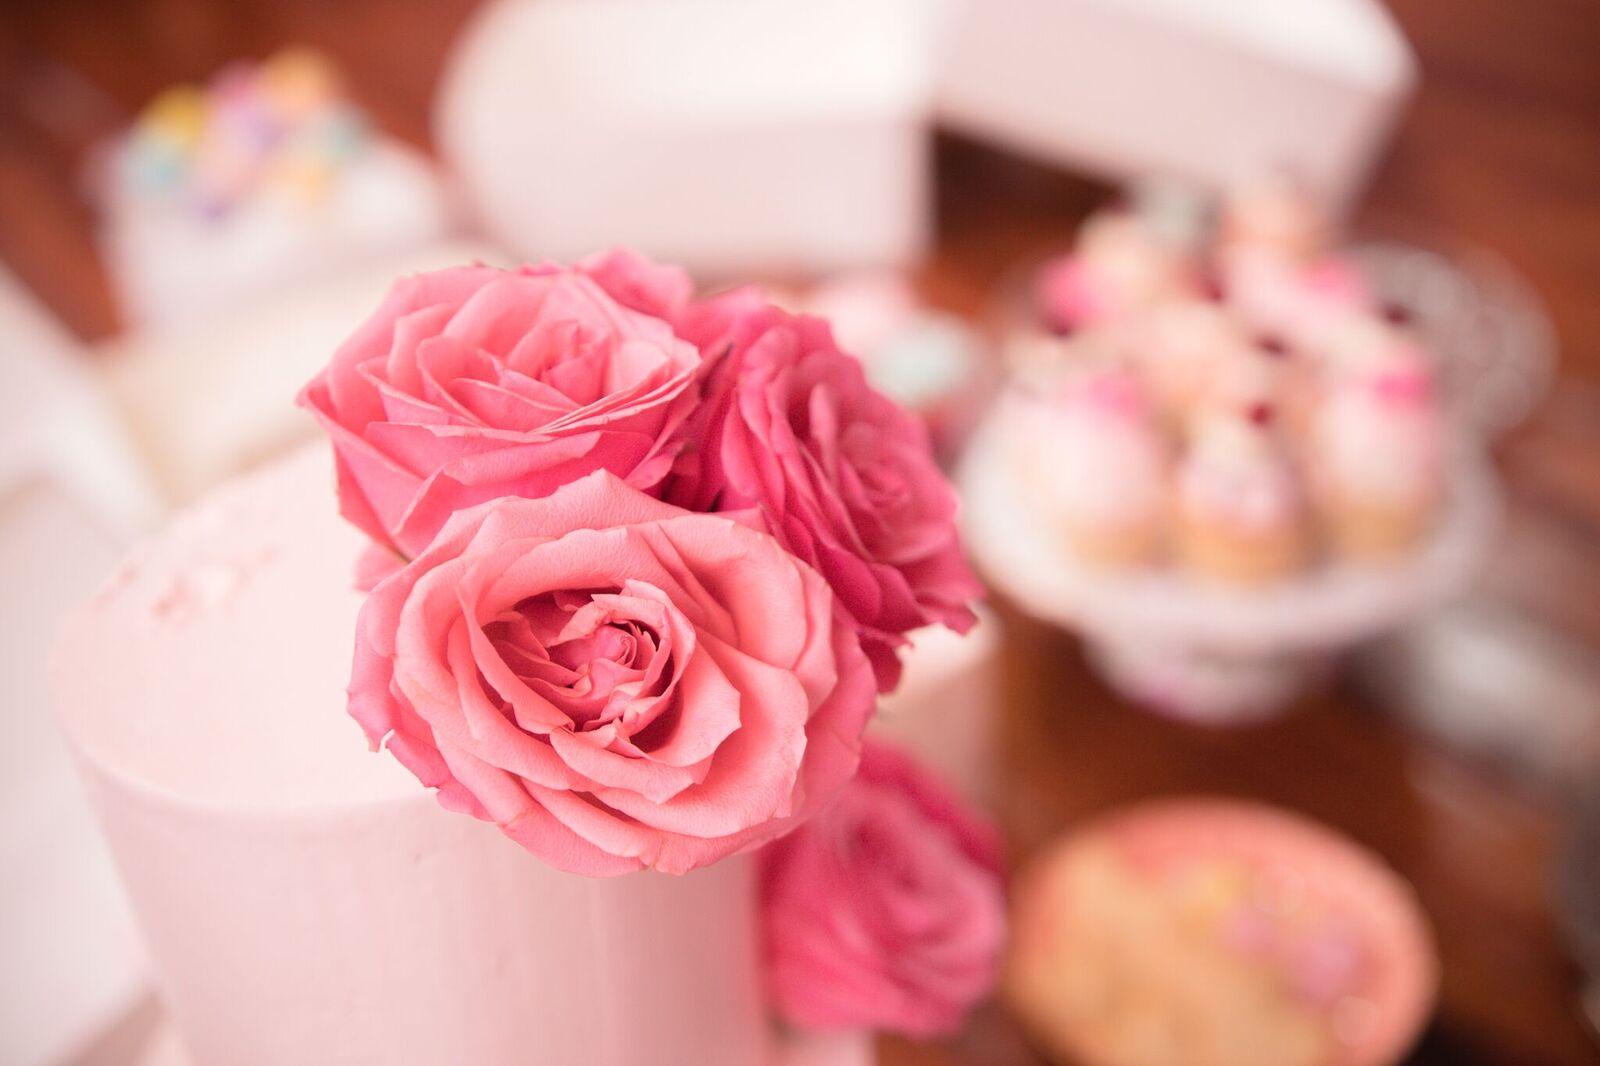 cakes-roses.jpg